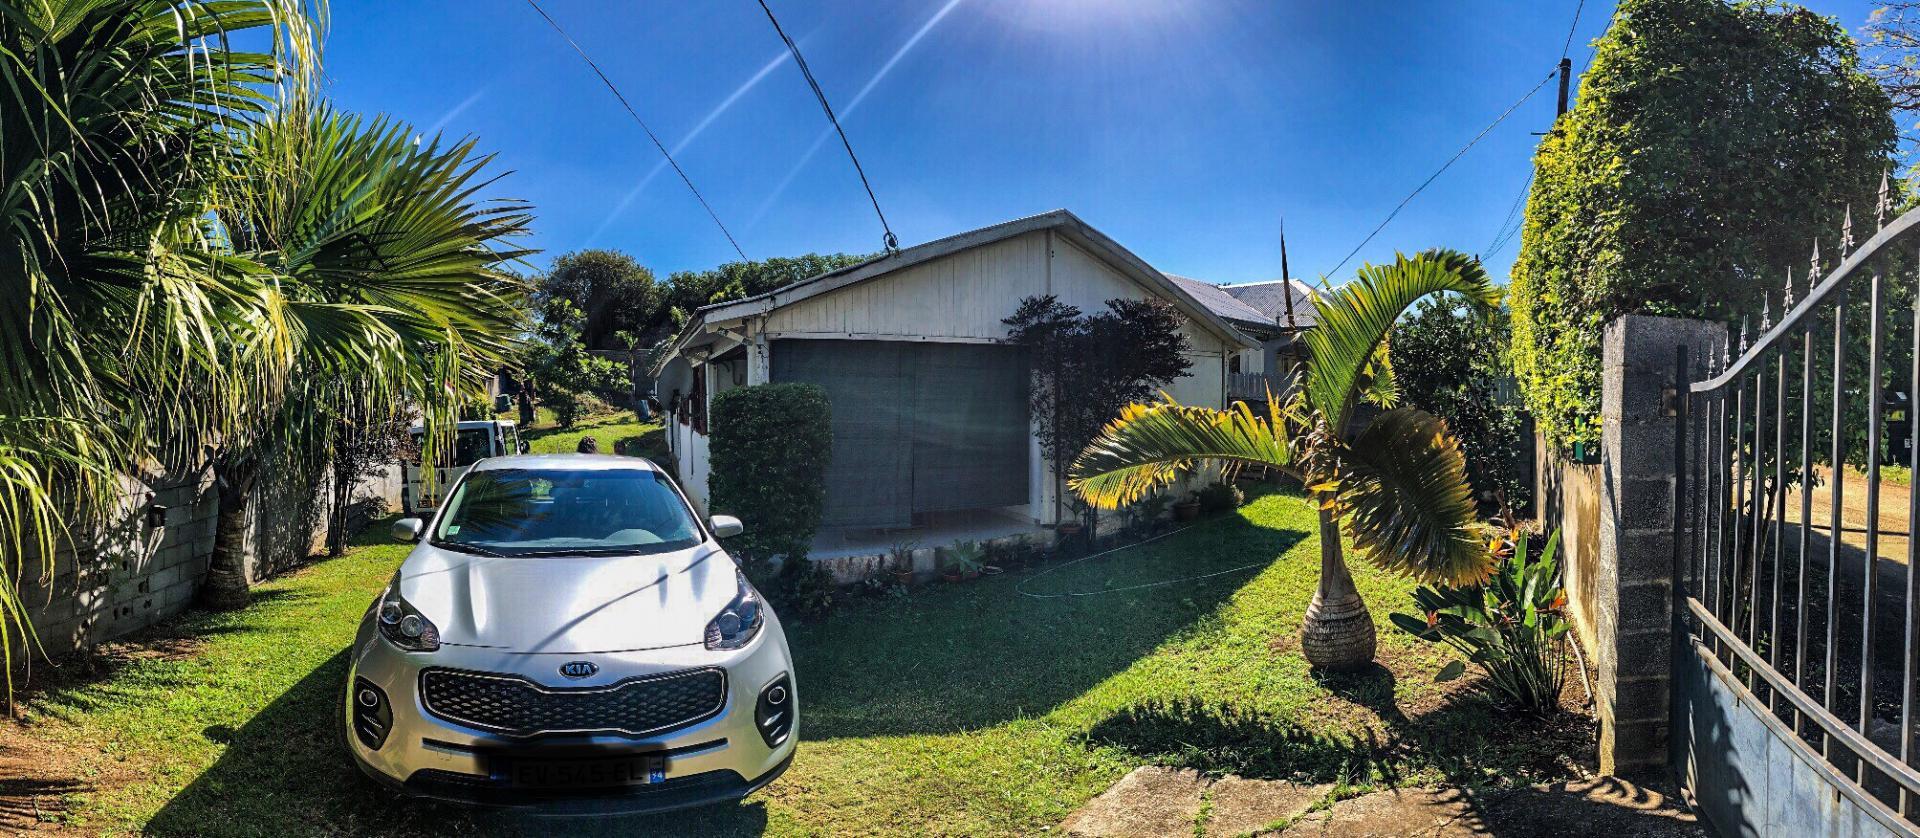 Maison F4 sur Saint Pierre (Réunion)